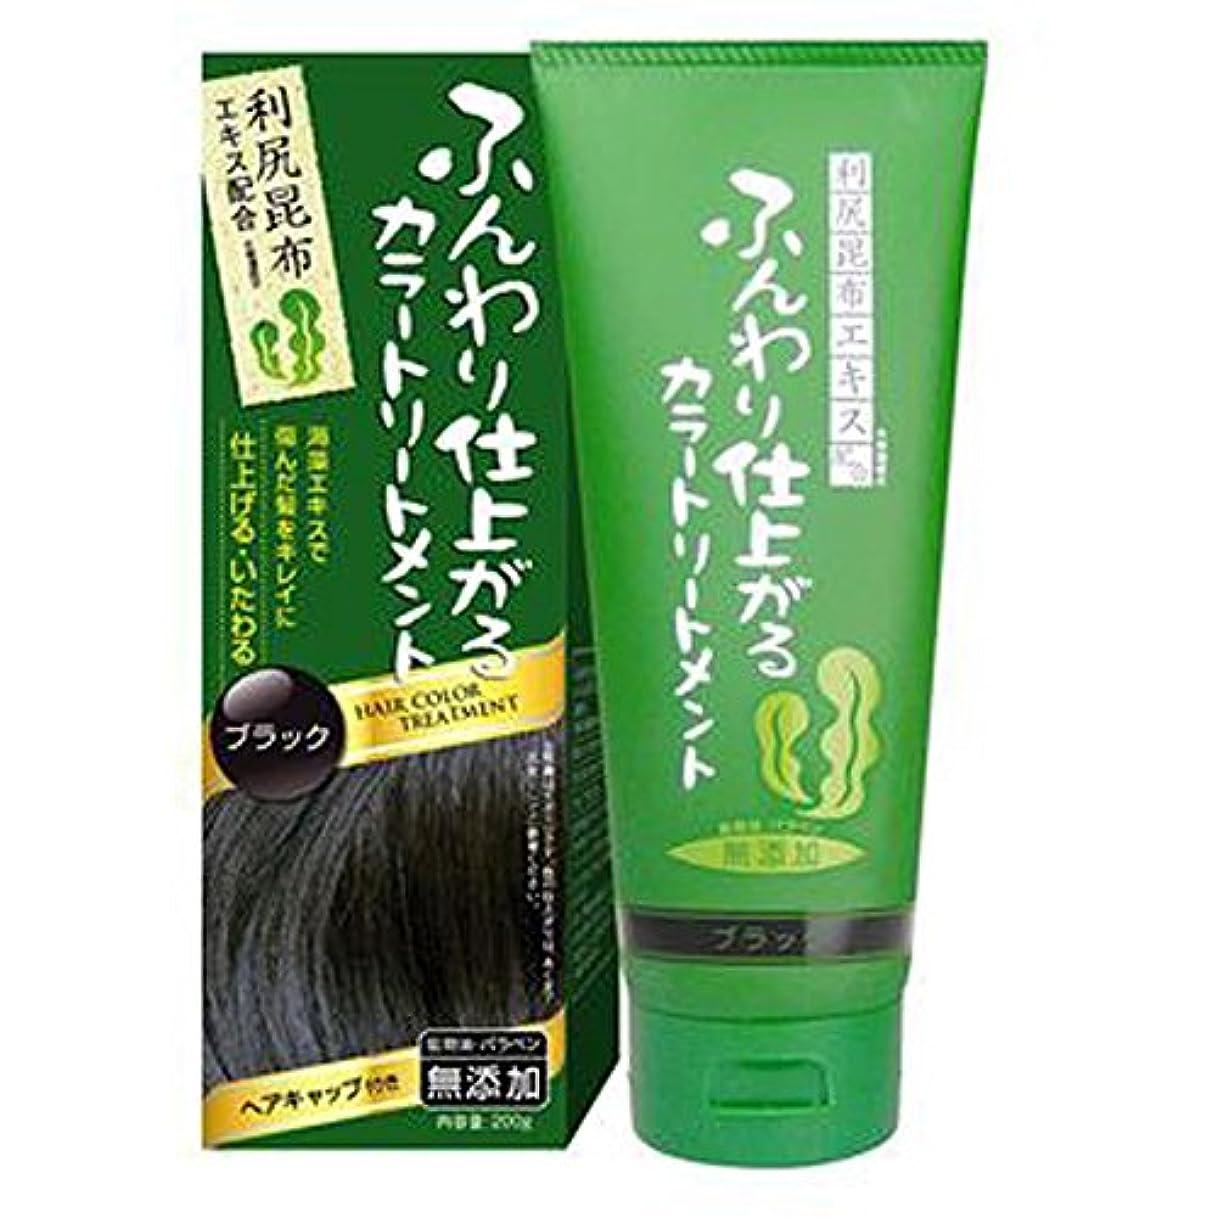 記述するダウンタウンやろうふんわり仕上がるカラートリートメント 白髪 染め 保湿 利尻昆布エキス配合 ヘアカラー (200g ブラック) rishiri-haircolor-200g-blk